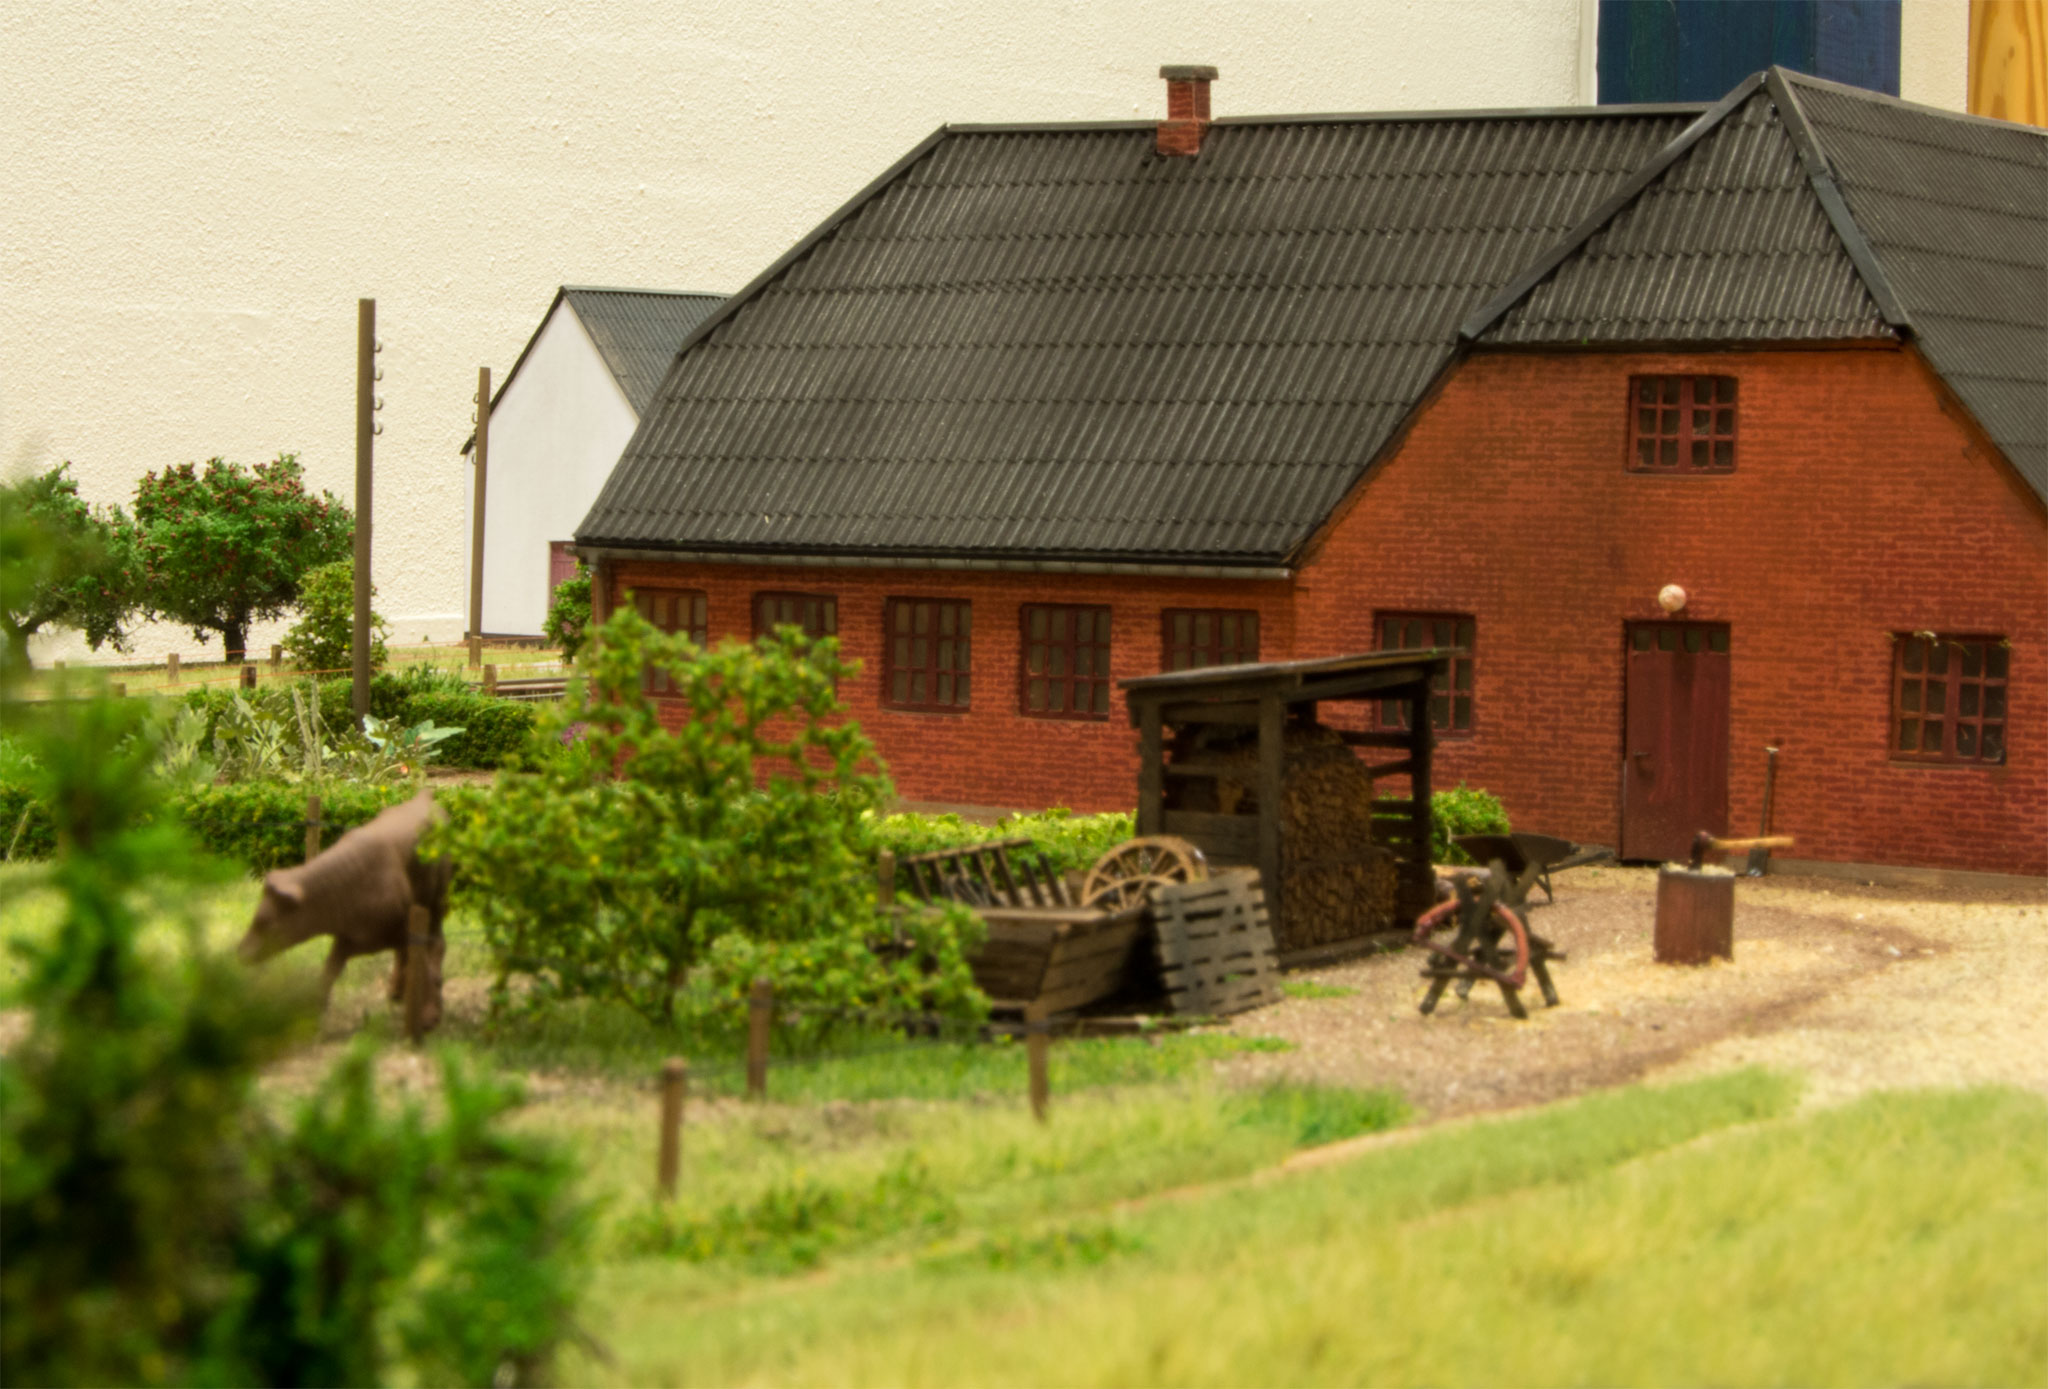 Skråt overfor den hvide gård ligger denne rødstensgård, hvor stemningen understreges af brændestabel, bukke, sav og økse i træstub